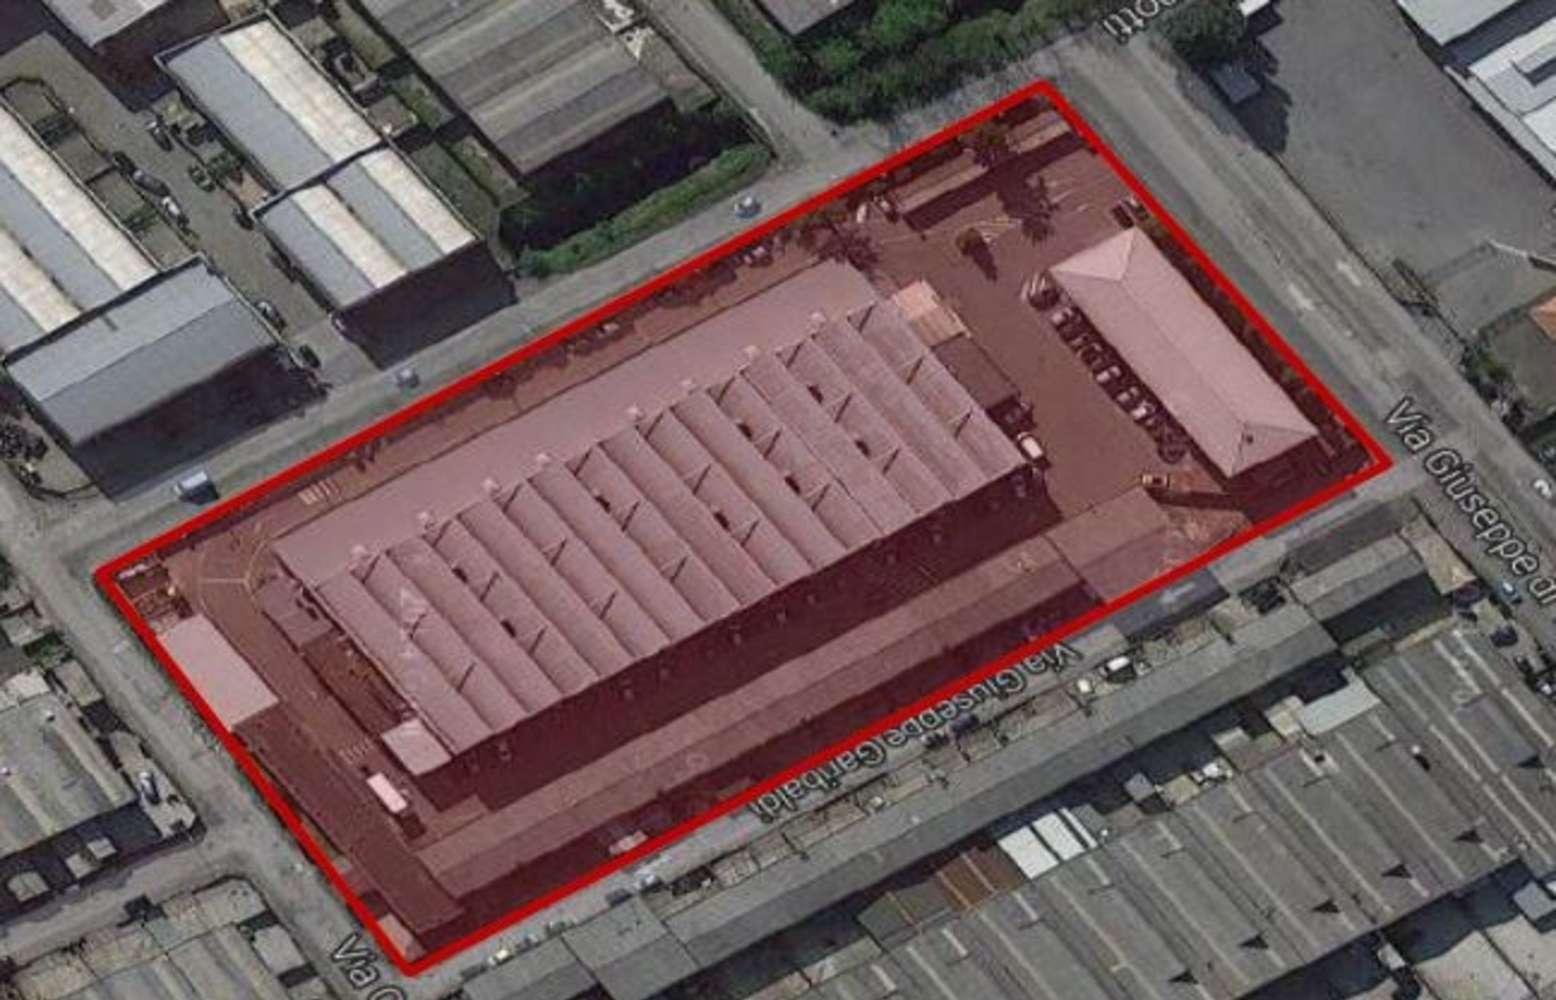 Magazzini industriali e logistici Pieve emanuele, 20090 - Pieve Emanuele - Via di Vittorio